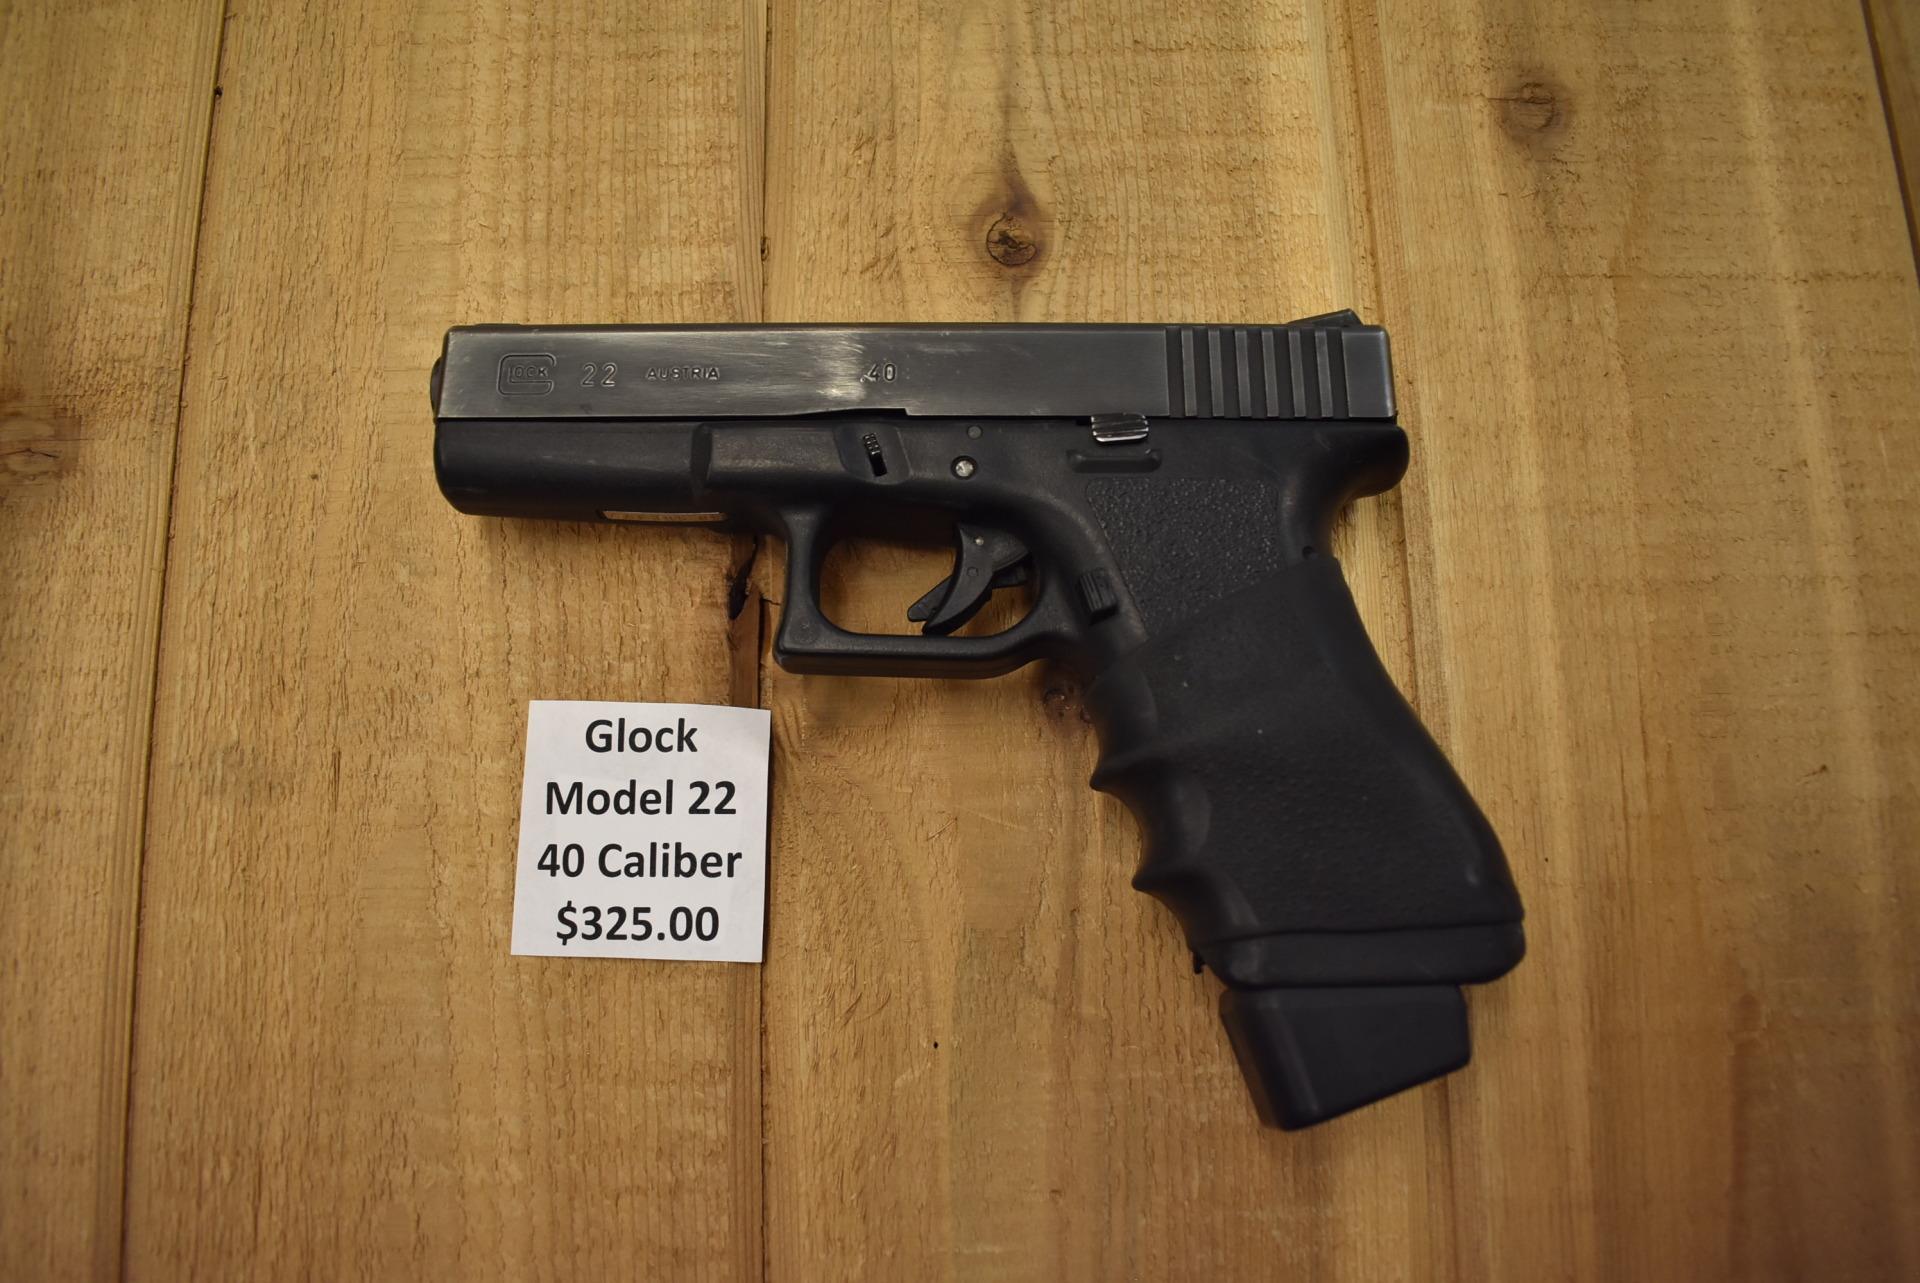 Glock Model 22